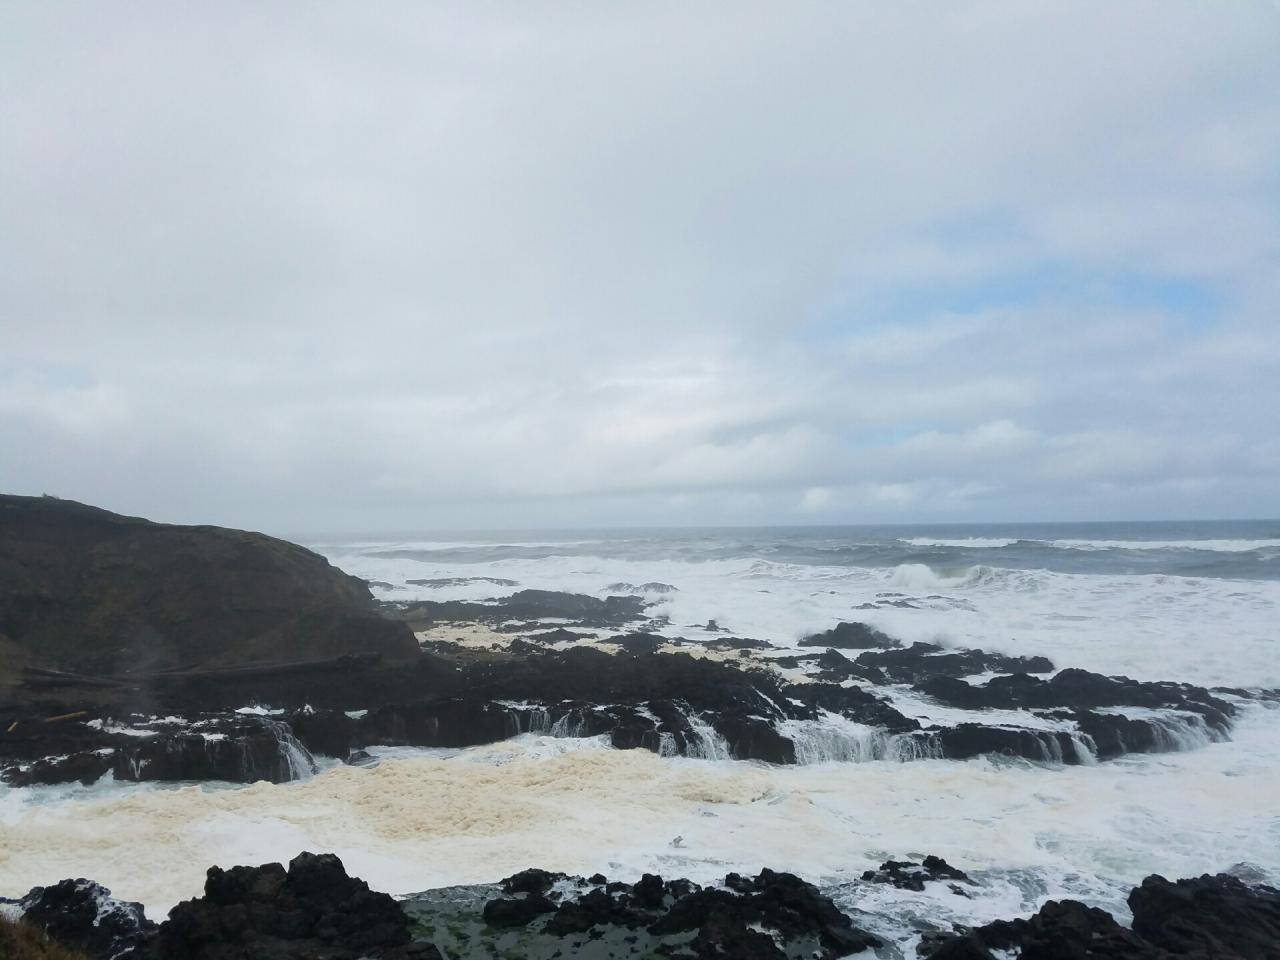 High tide at Cape Perpetua